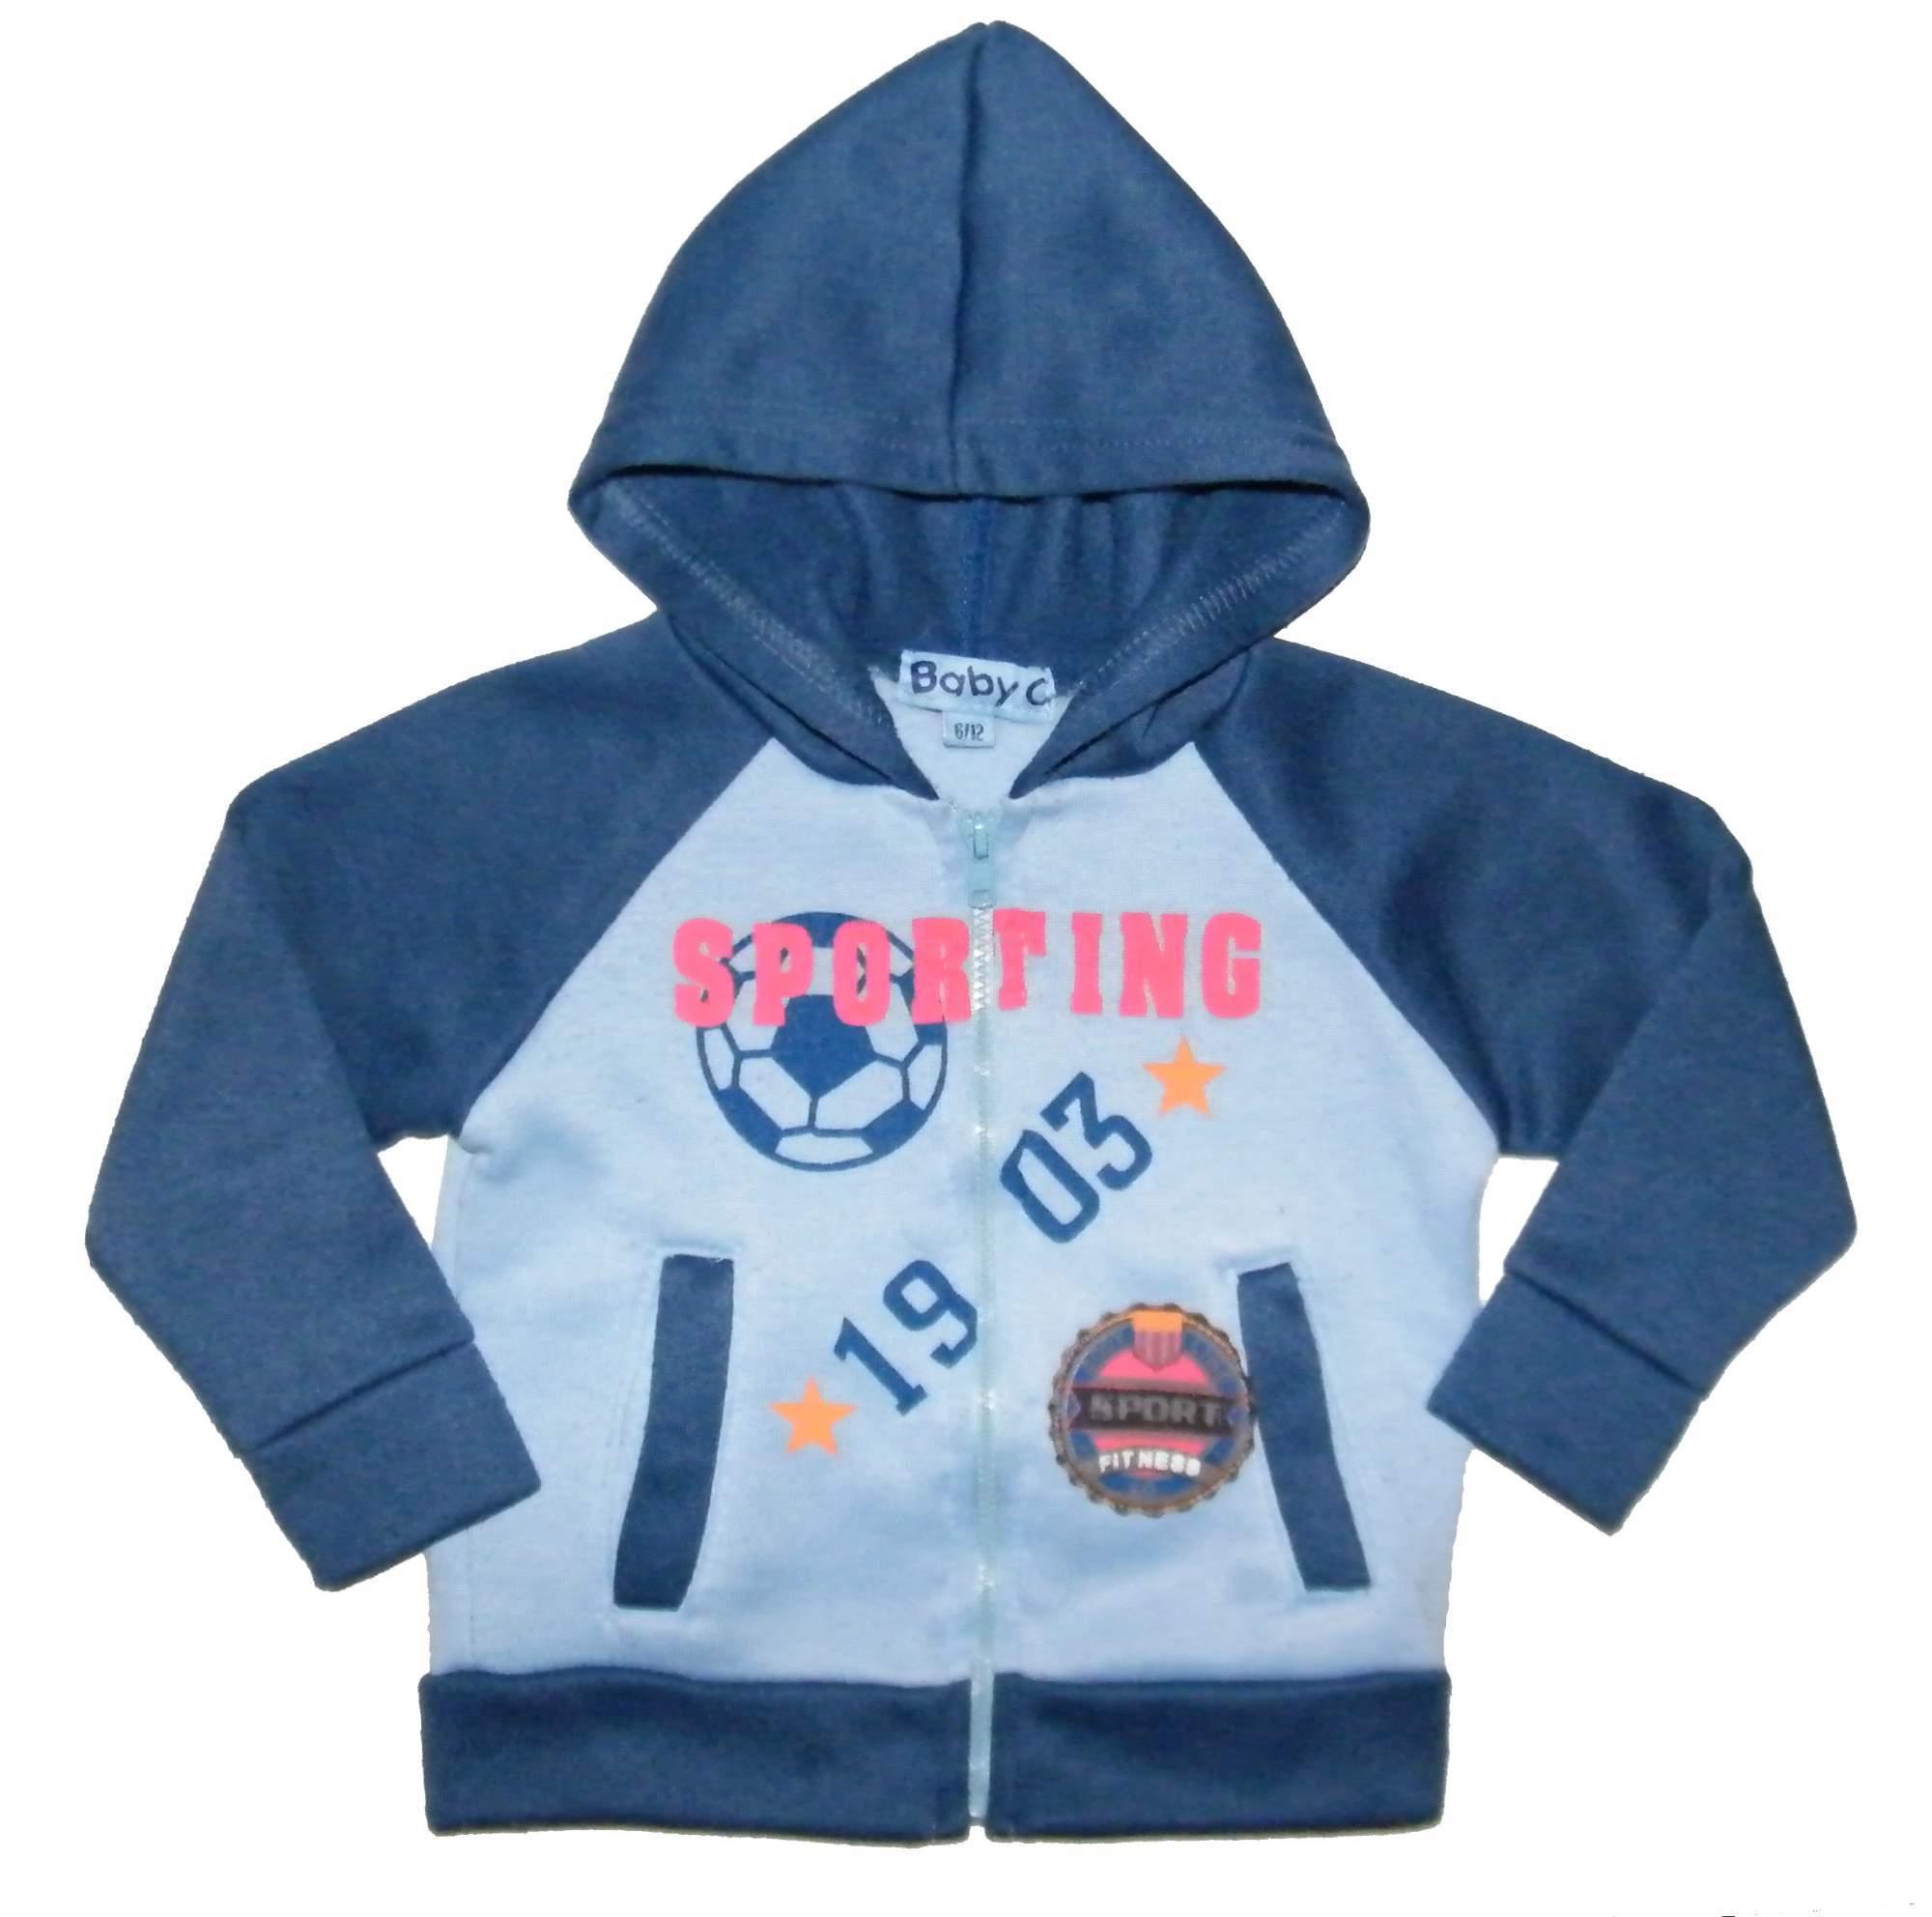 Dětská   chlapecká modrá mikina BABY C - v. 74 - 80   6 - 12 m 947c615349